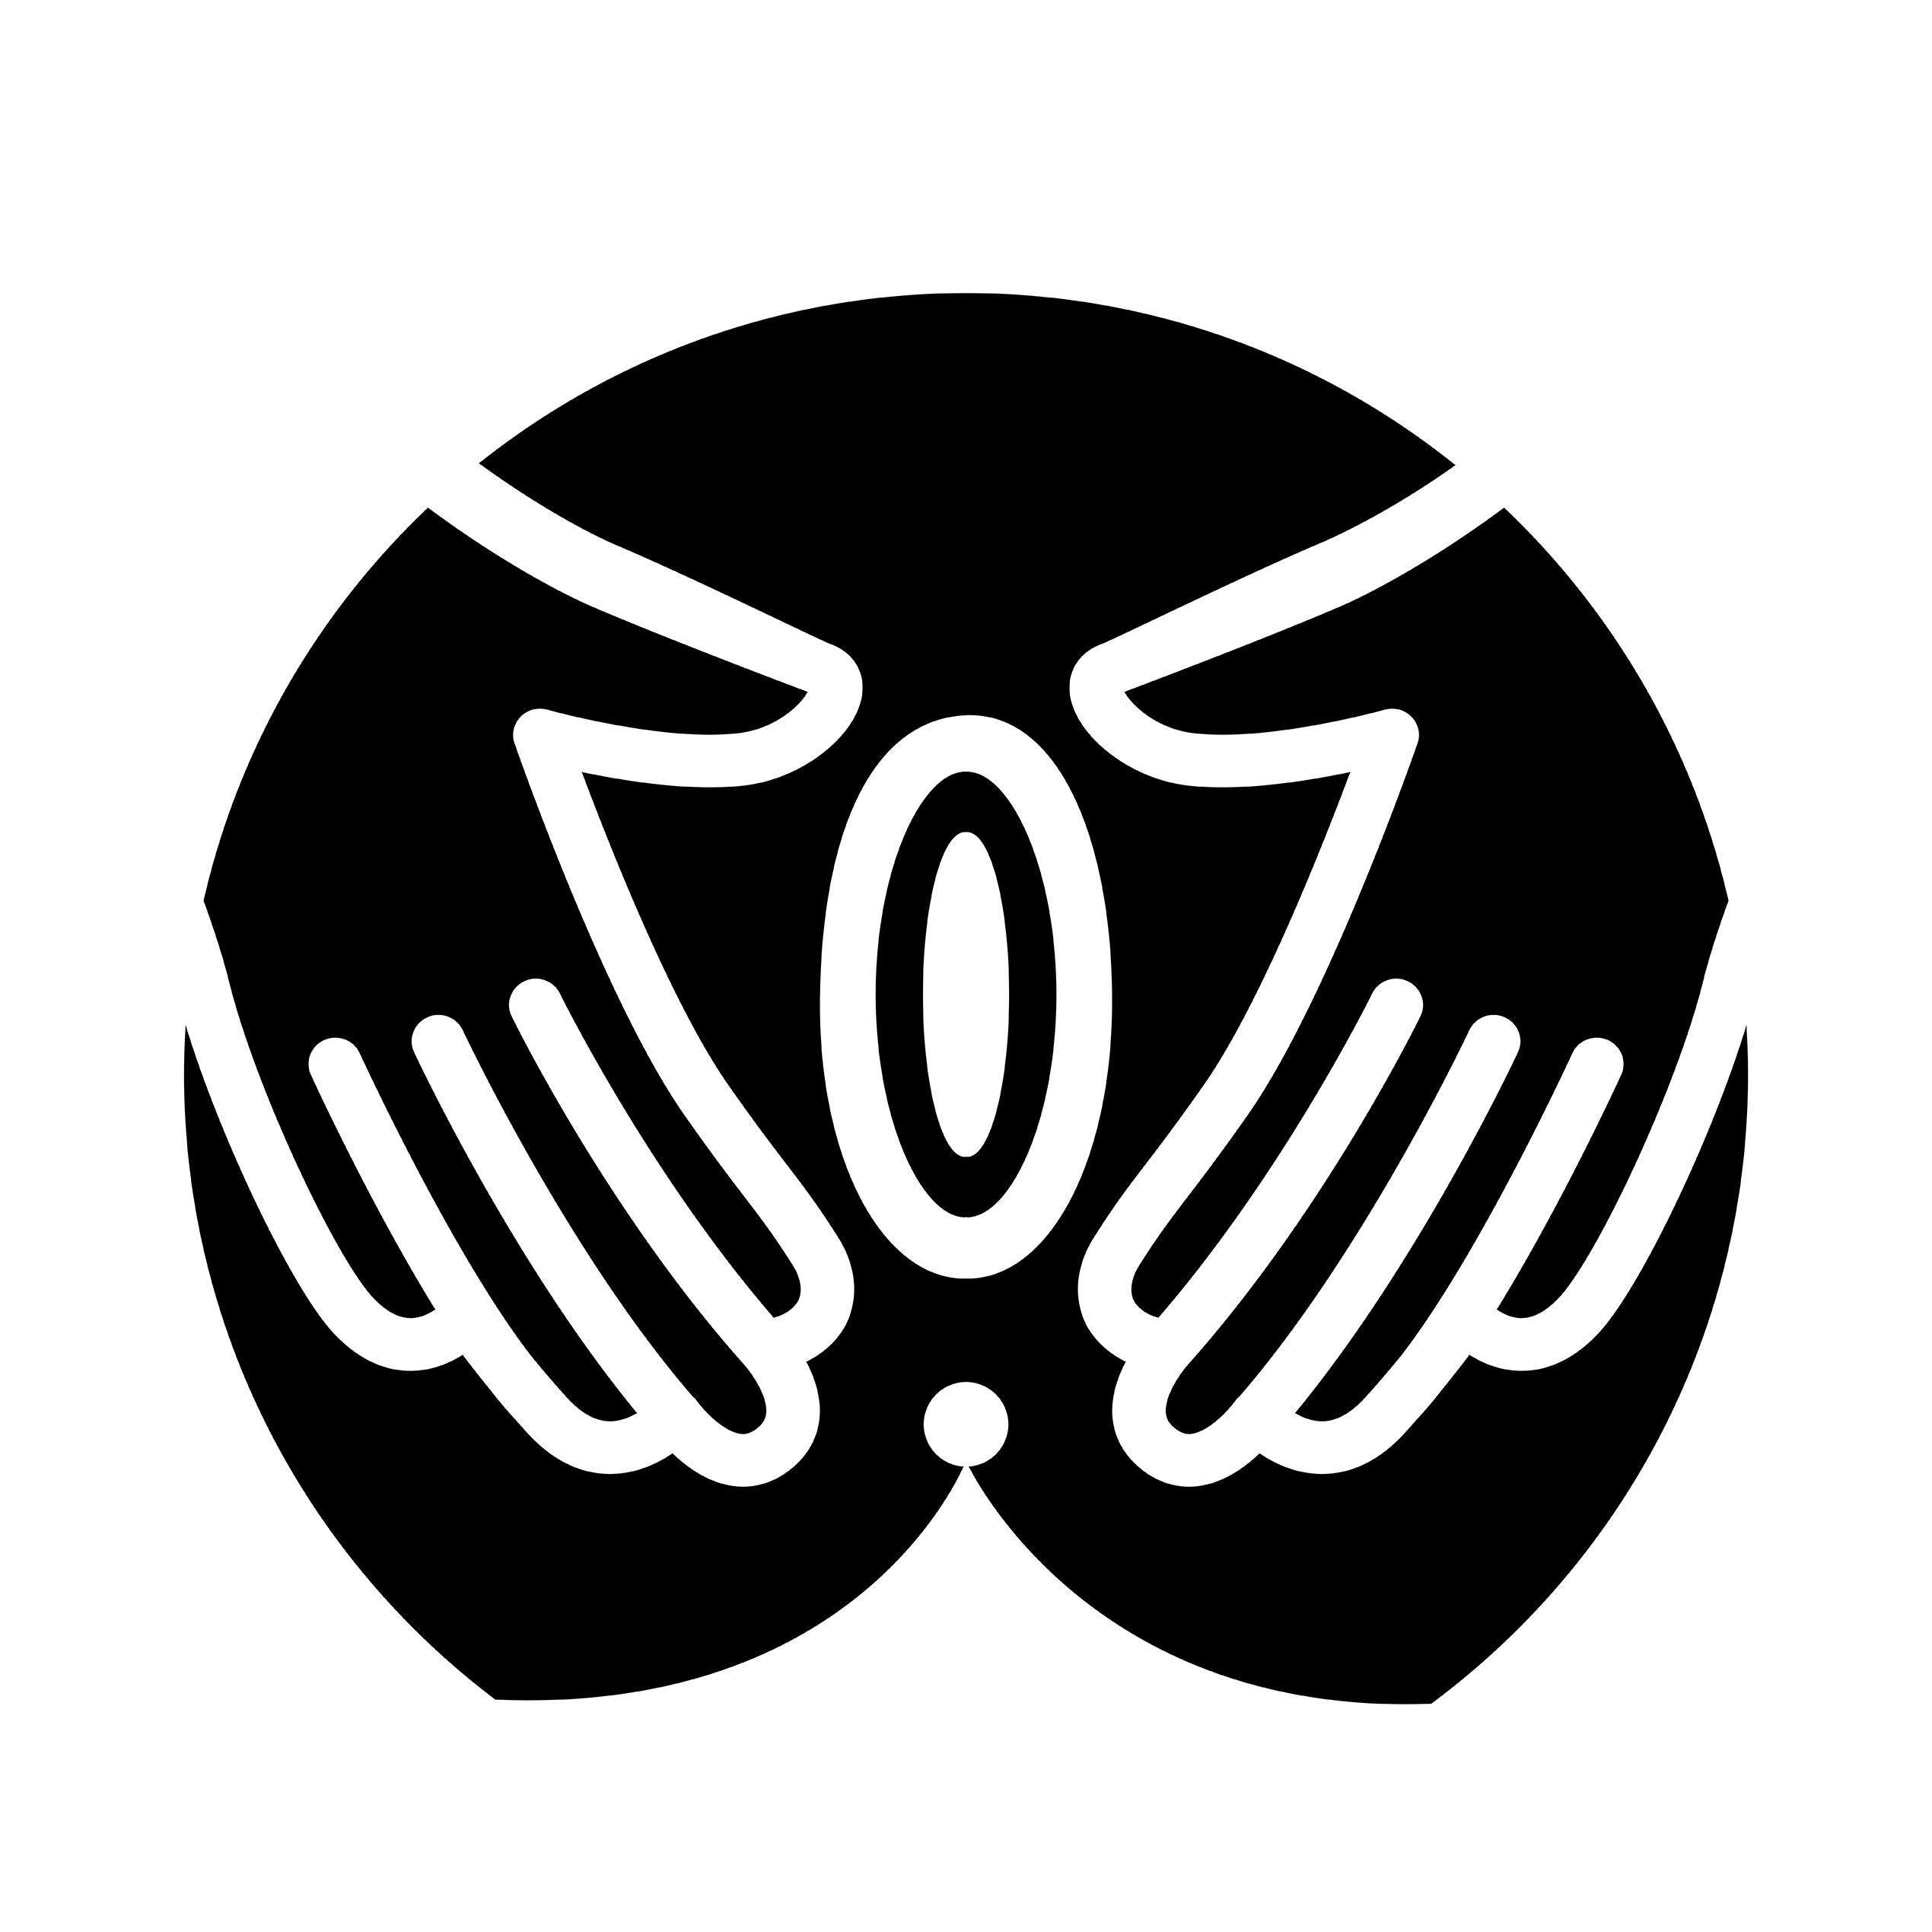 رسم توضيحي بالحبر الأسود لمهبل المرأة